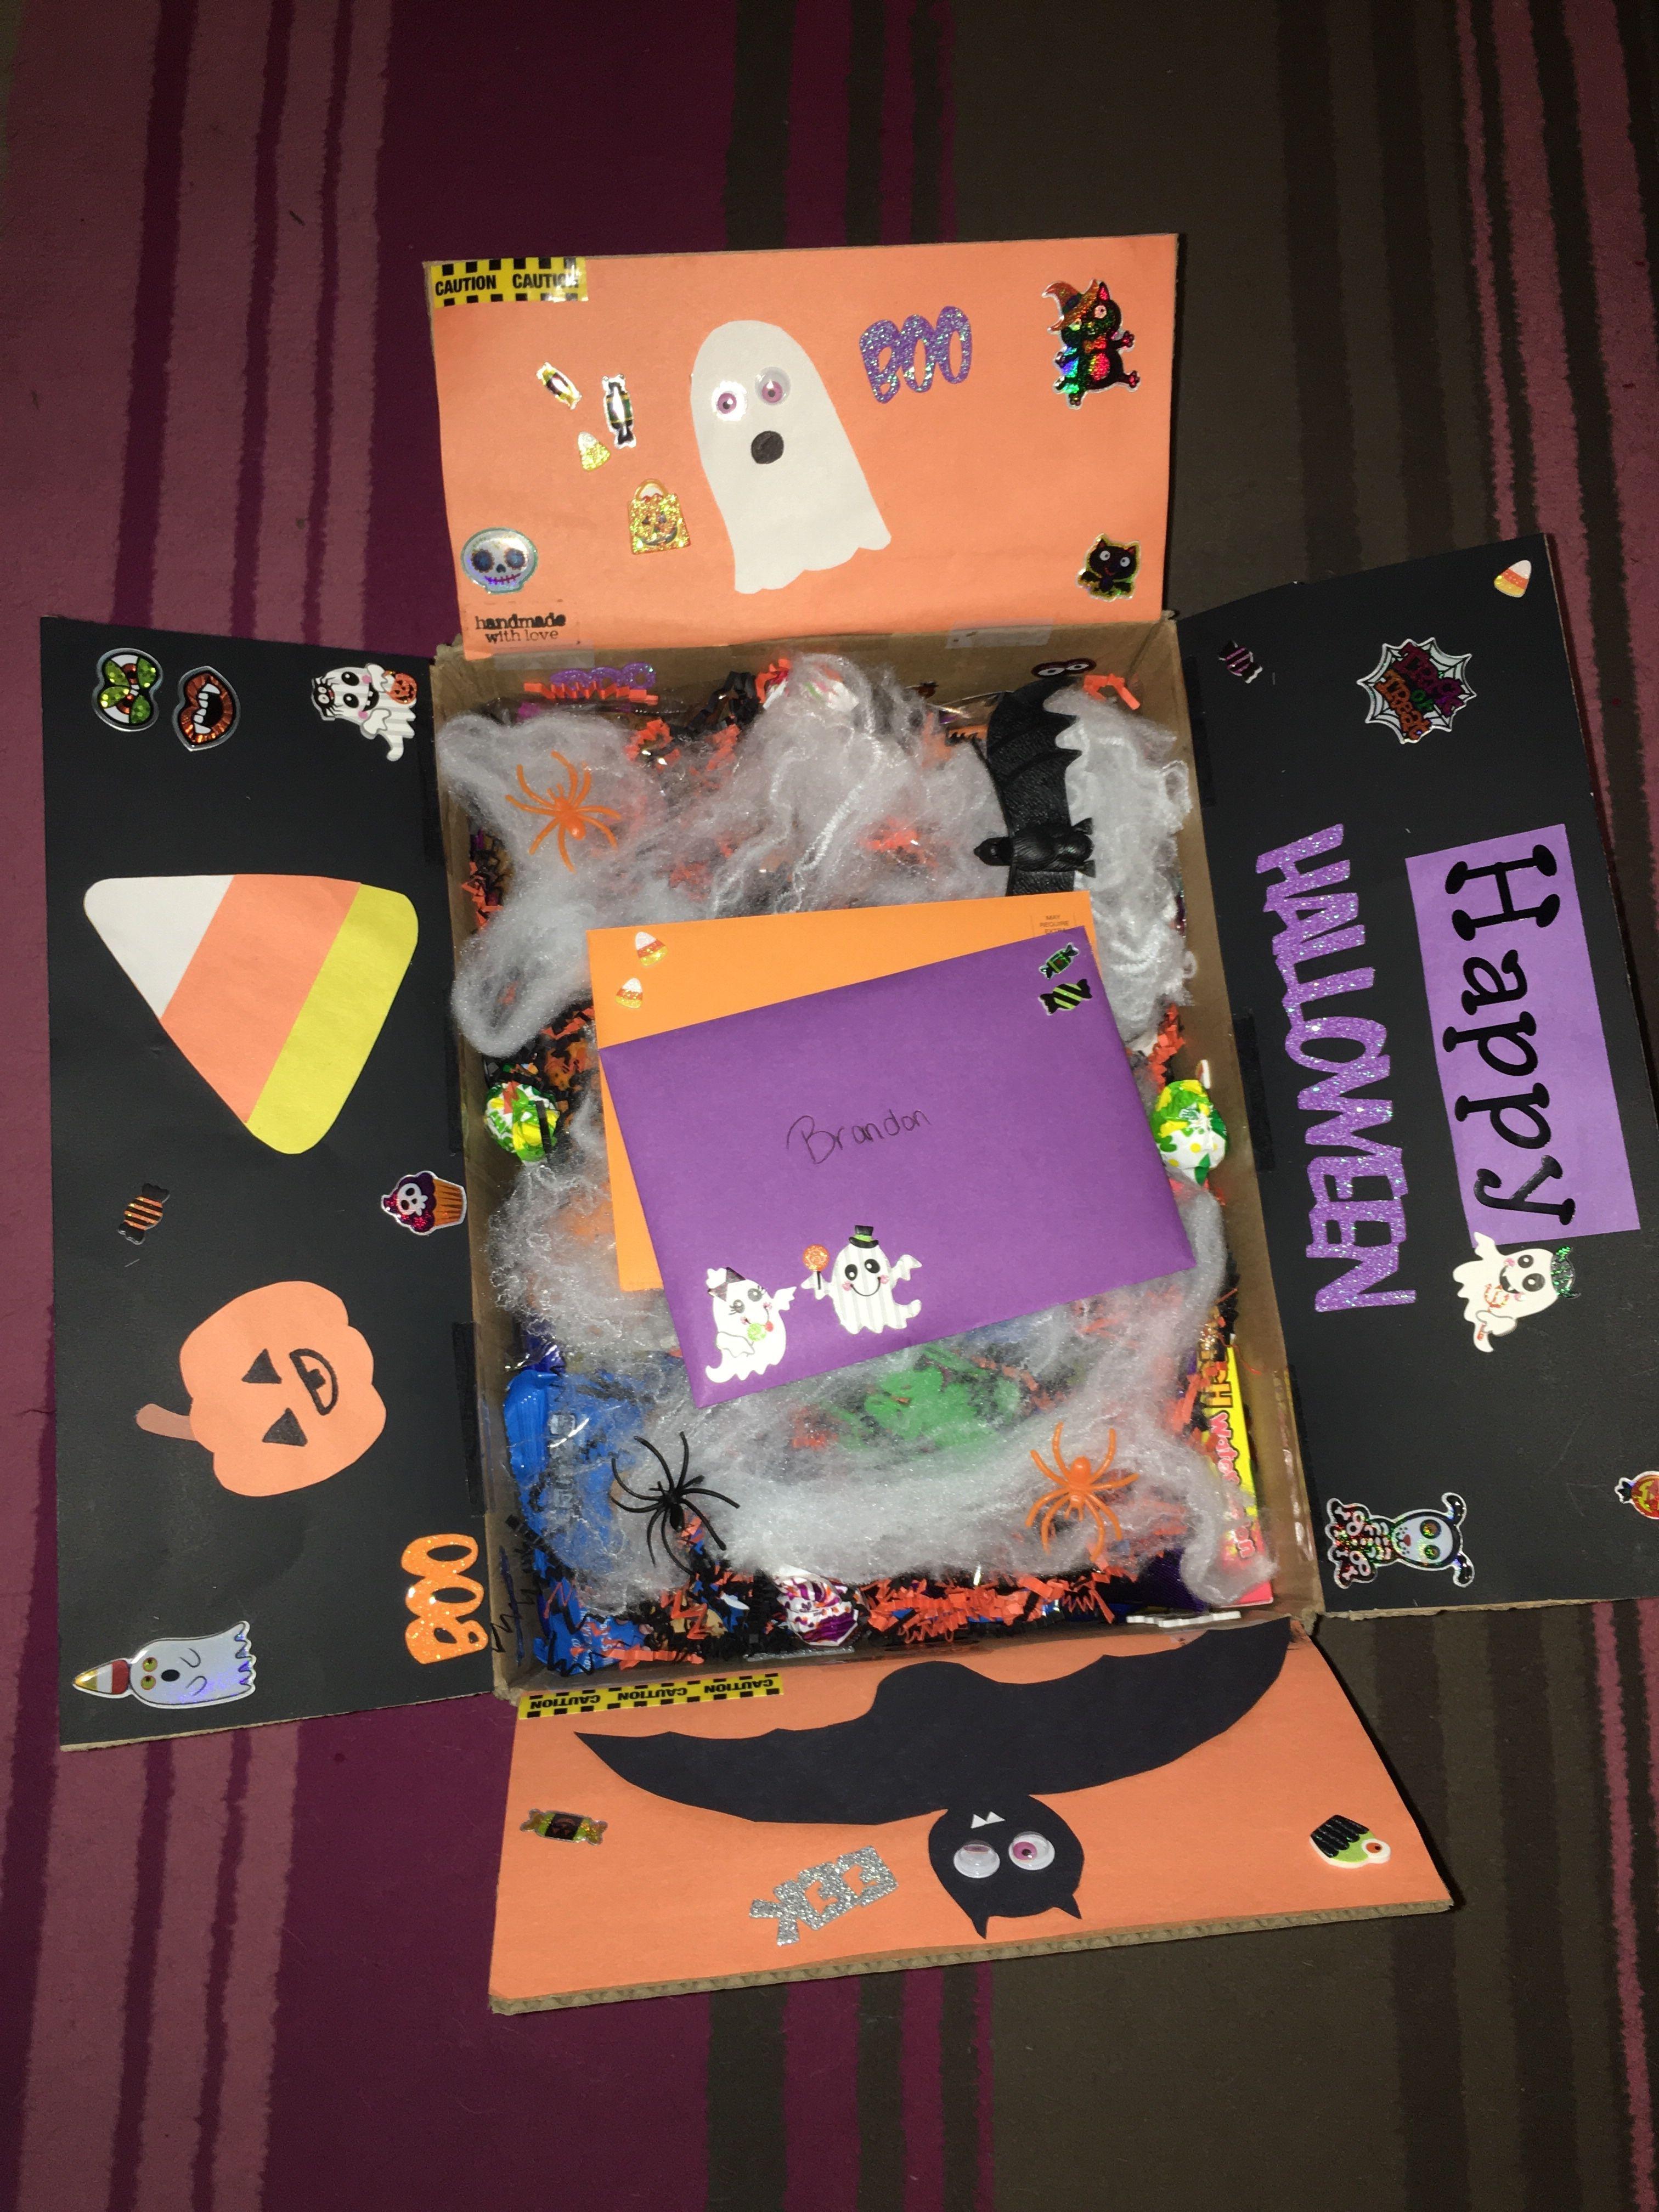 Halloween spooky basket care package for boyfriend